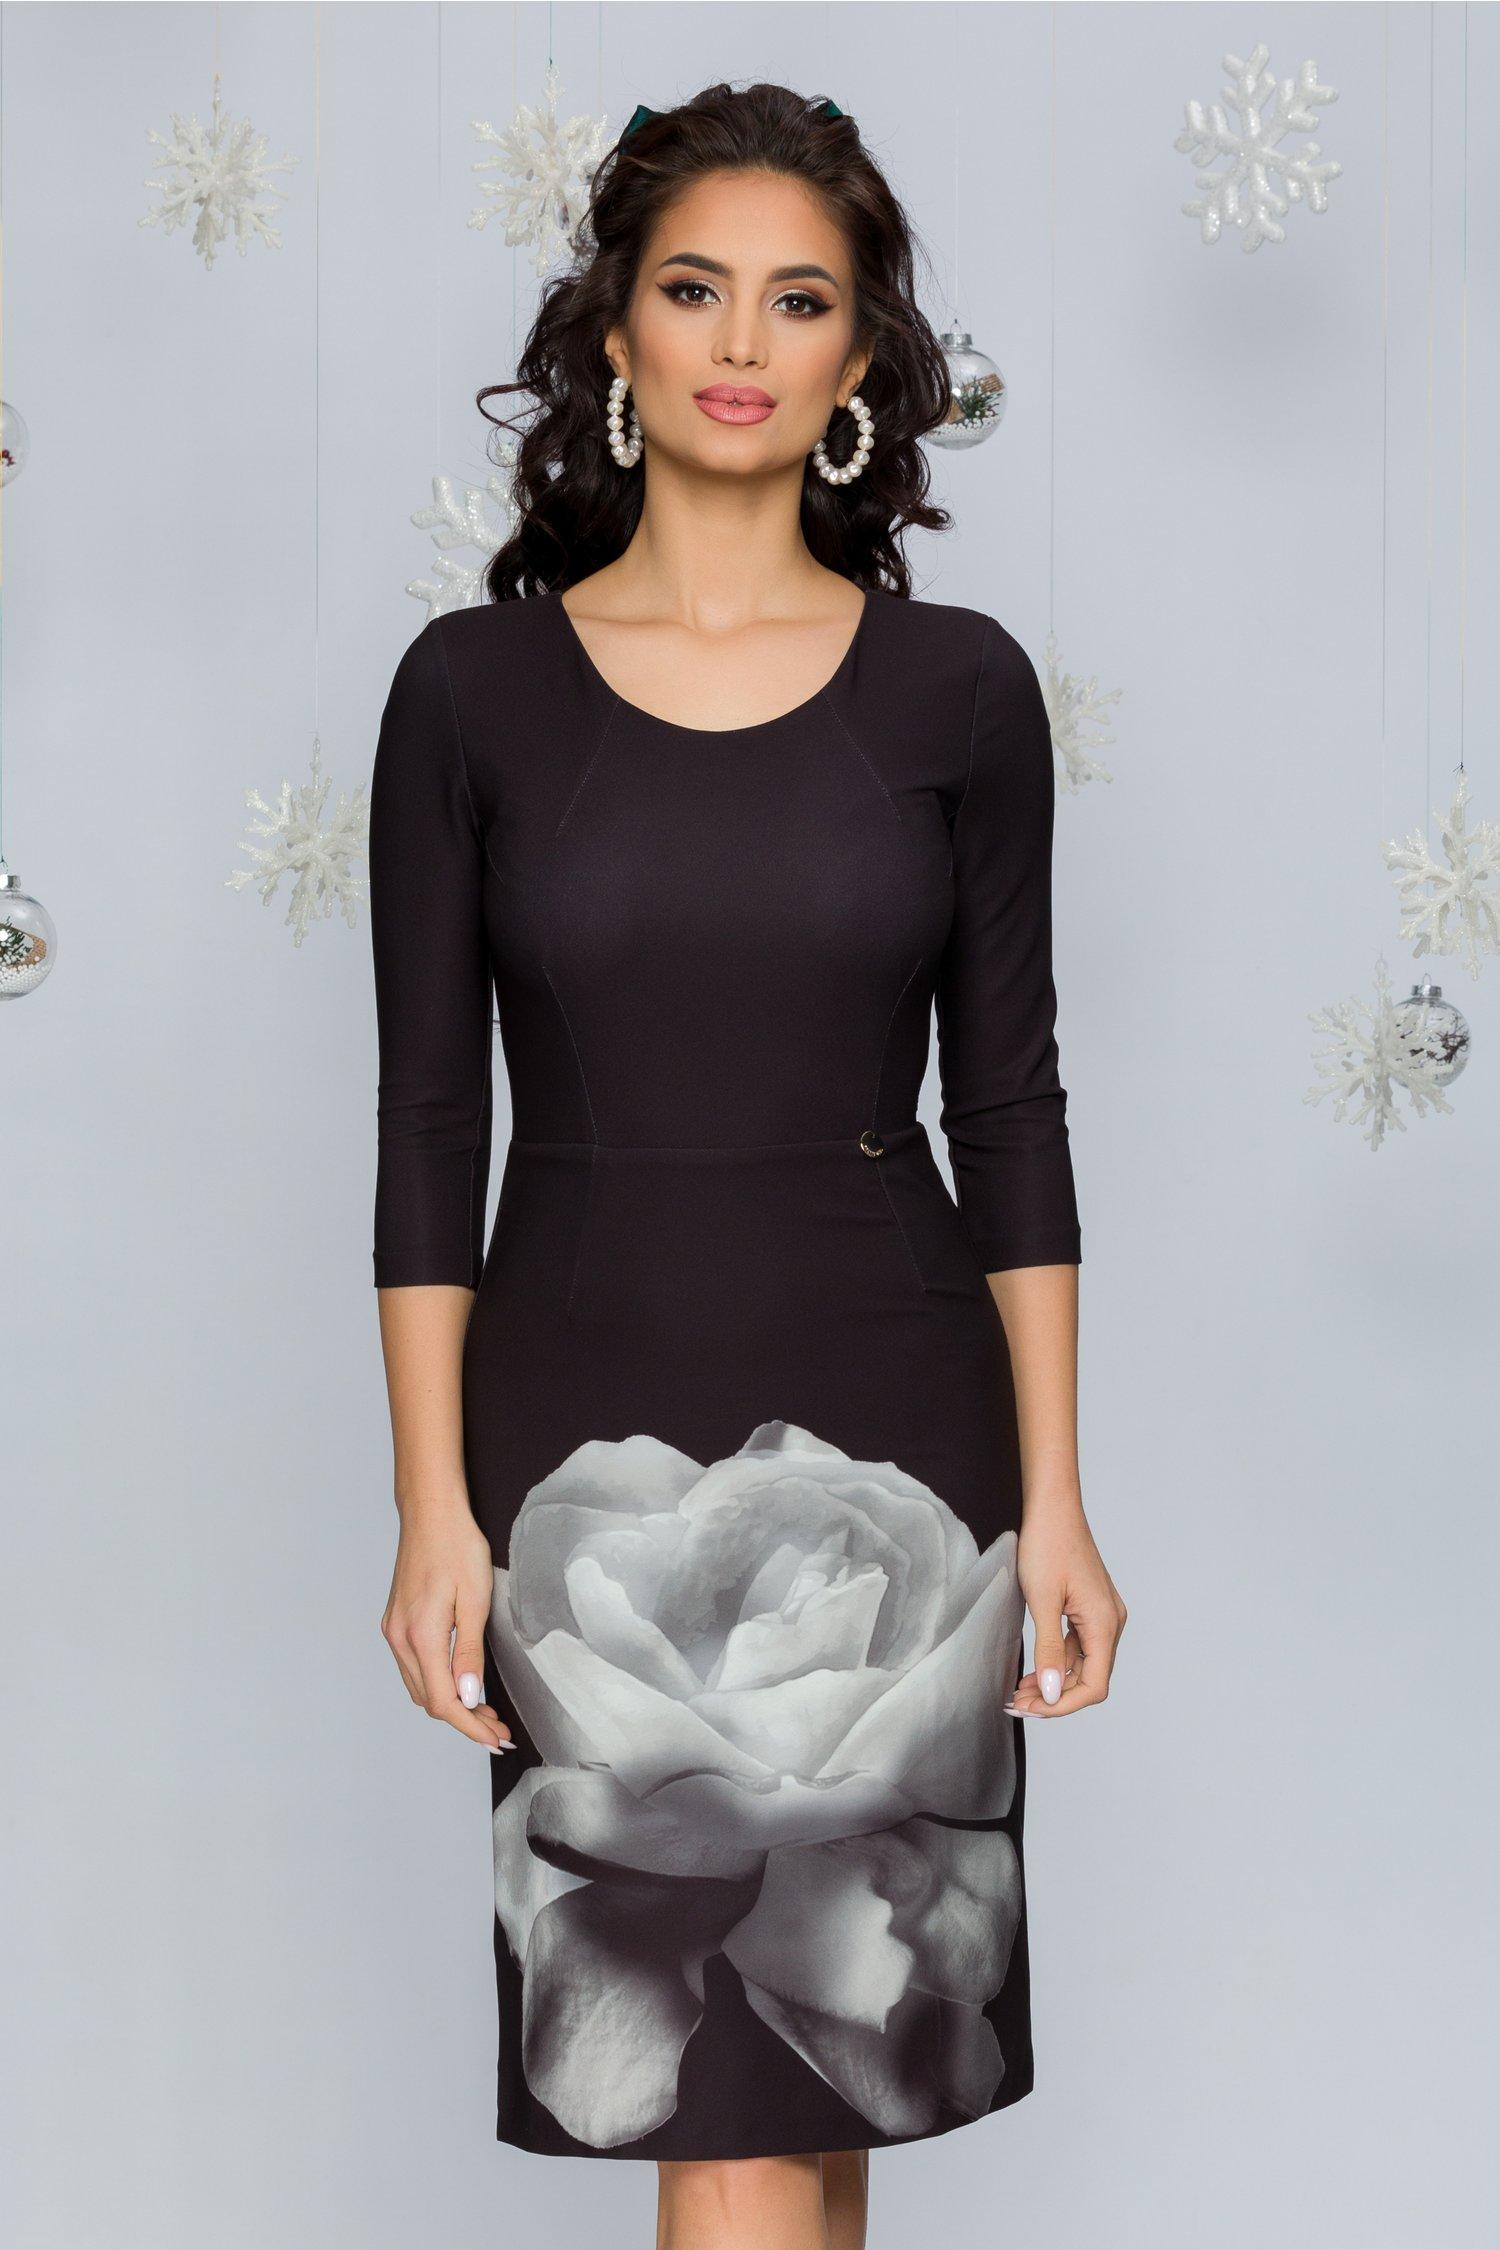 Rochie Eliza neagra cu floare gri la baza